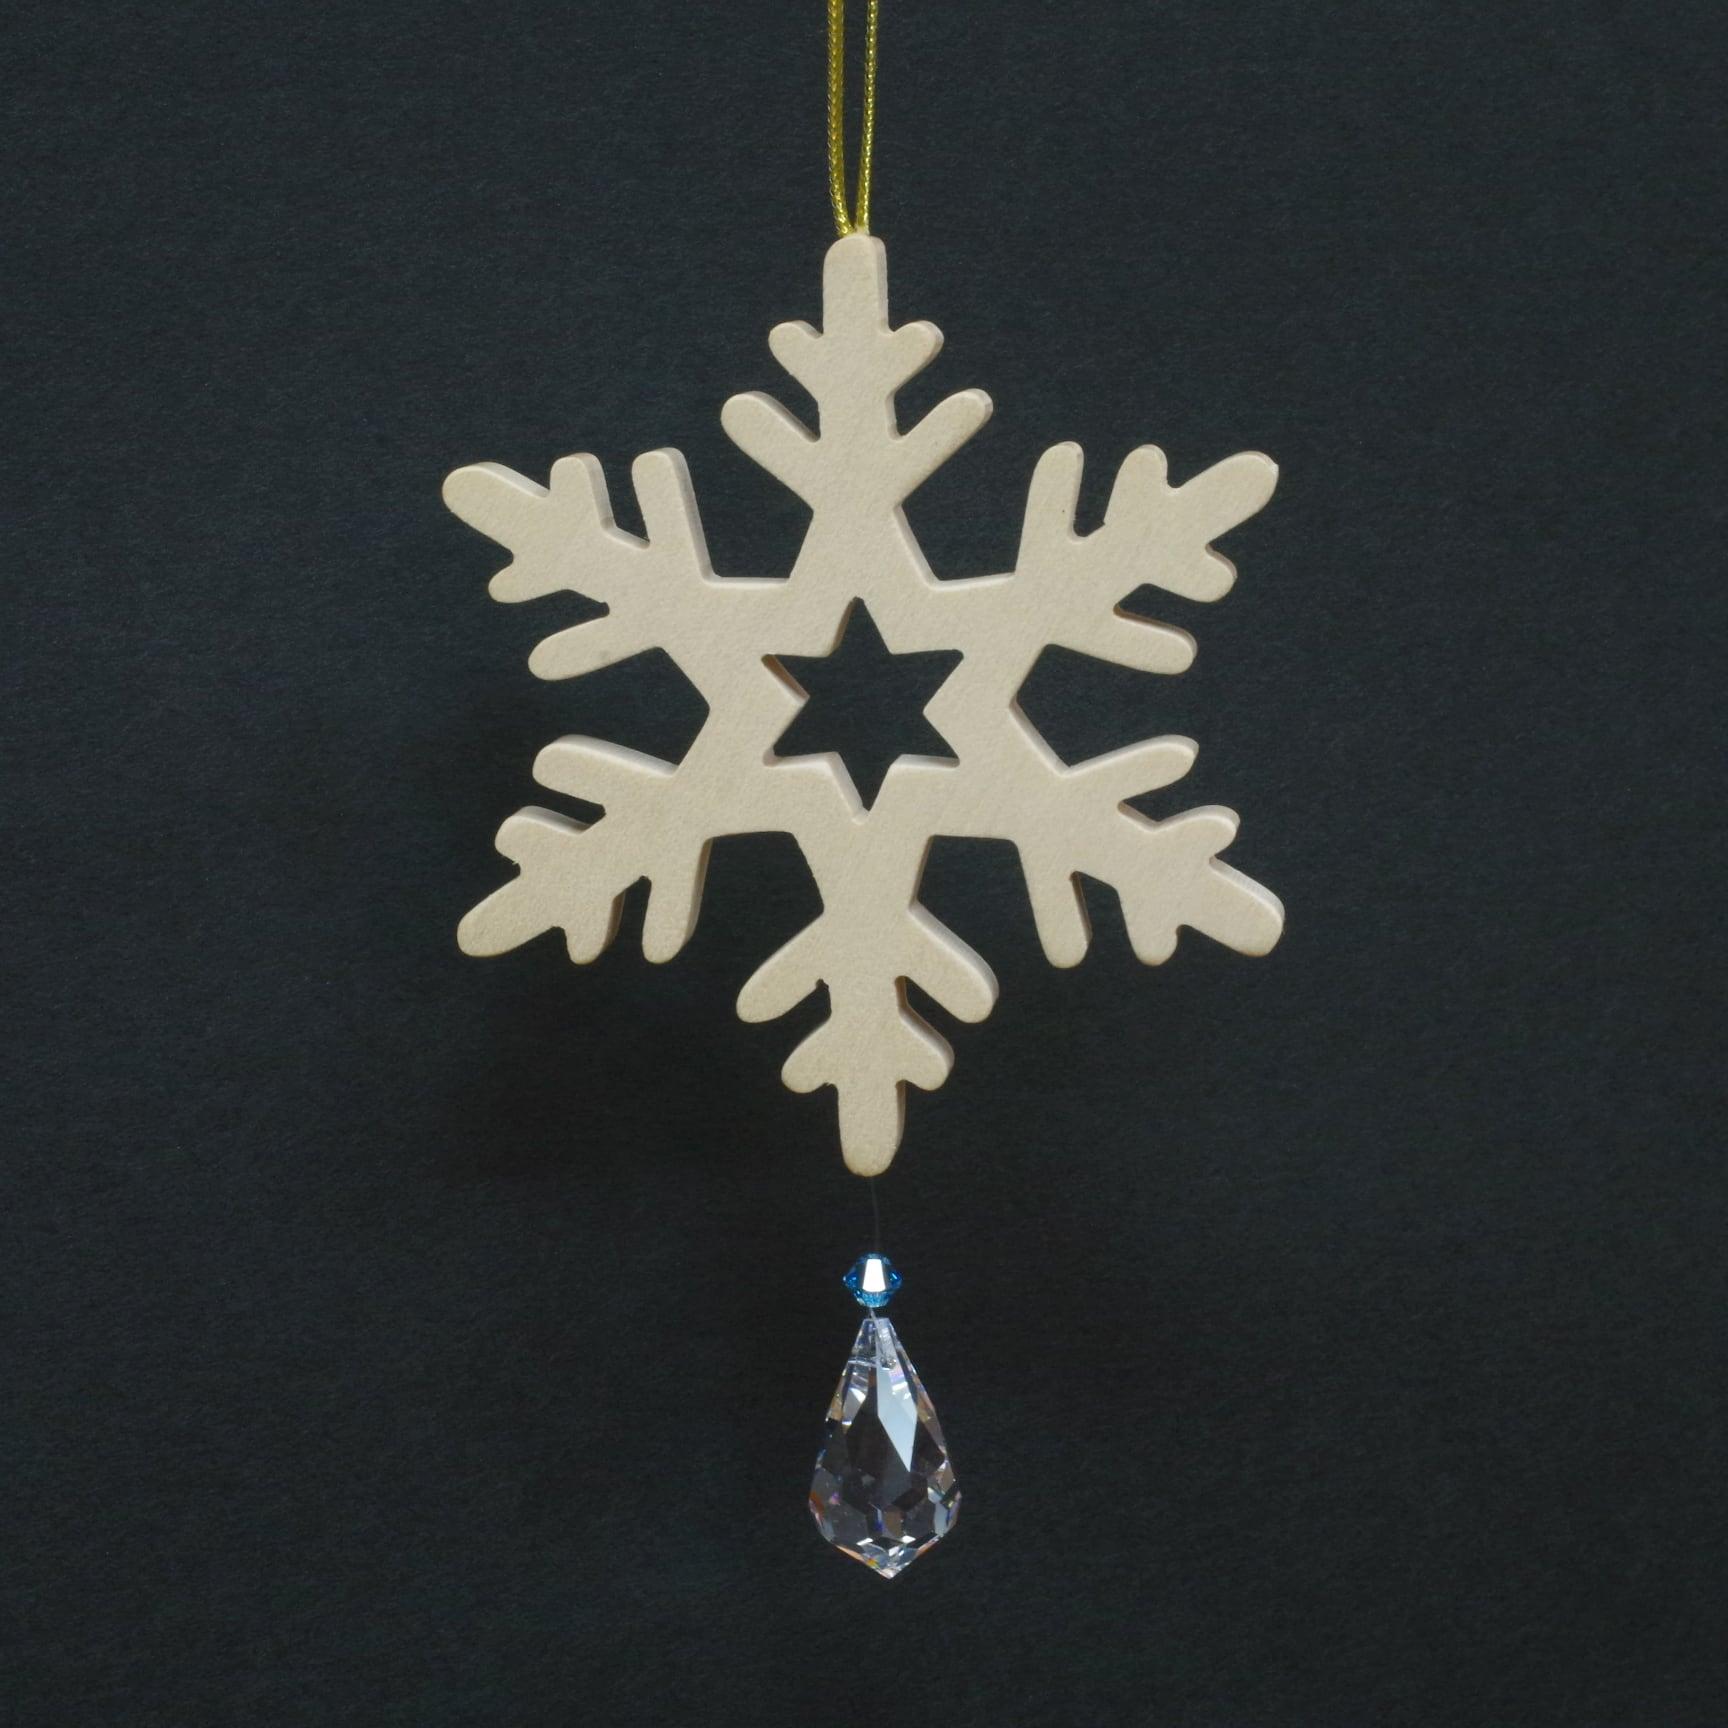 オーナメント 雪の結晶とクリスタル